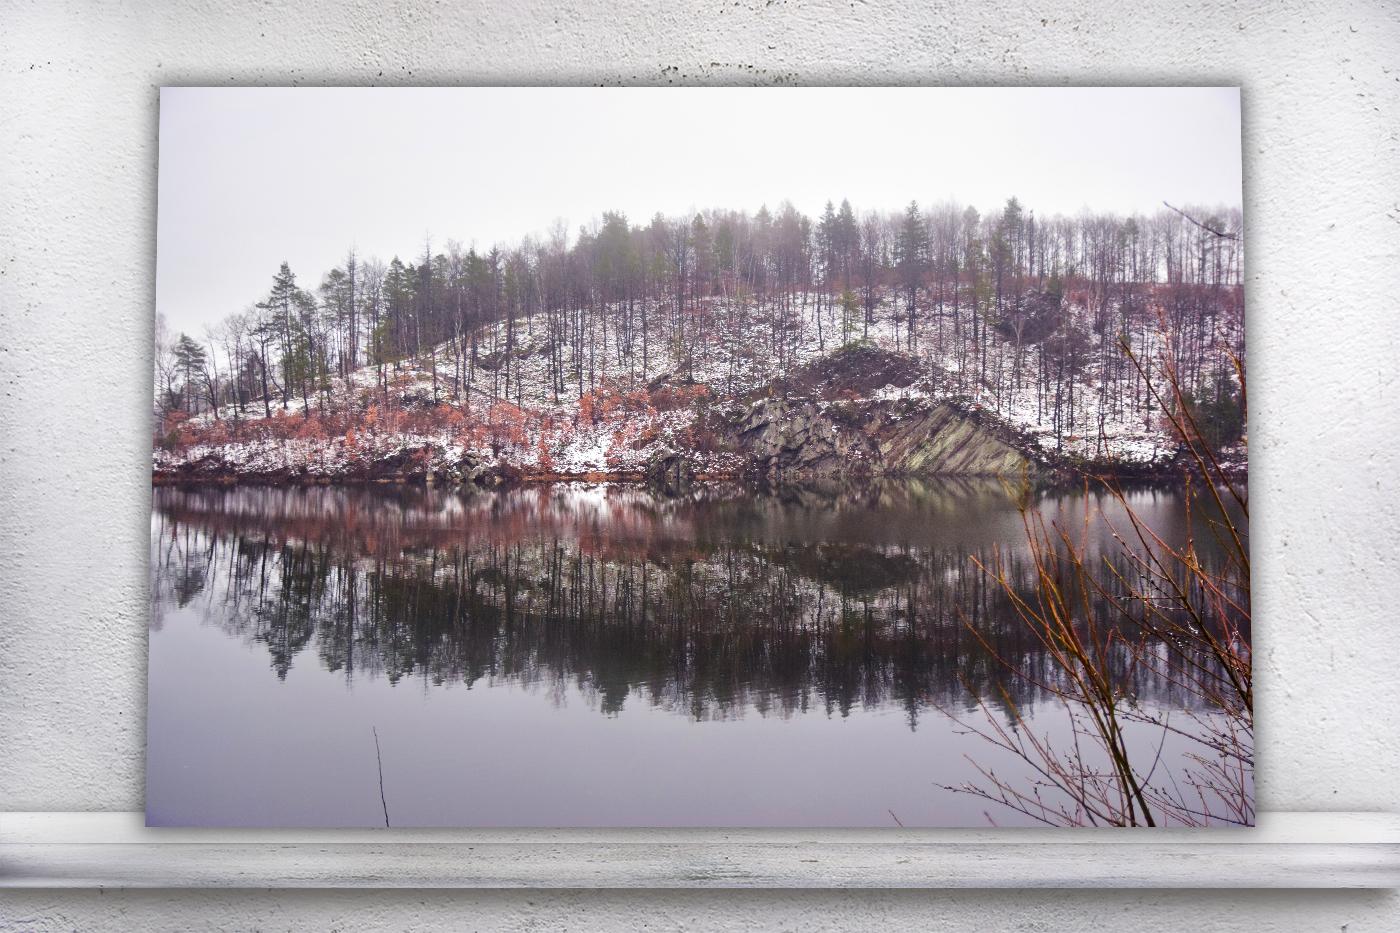 Nature photo, landscape photo, lake photo, winter photo example image 2